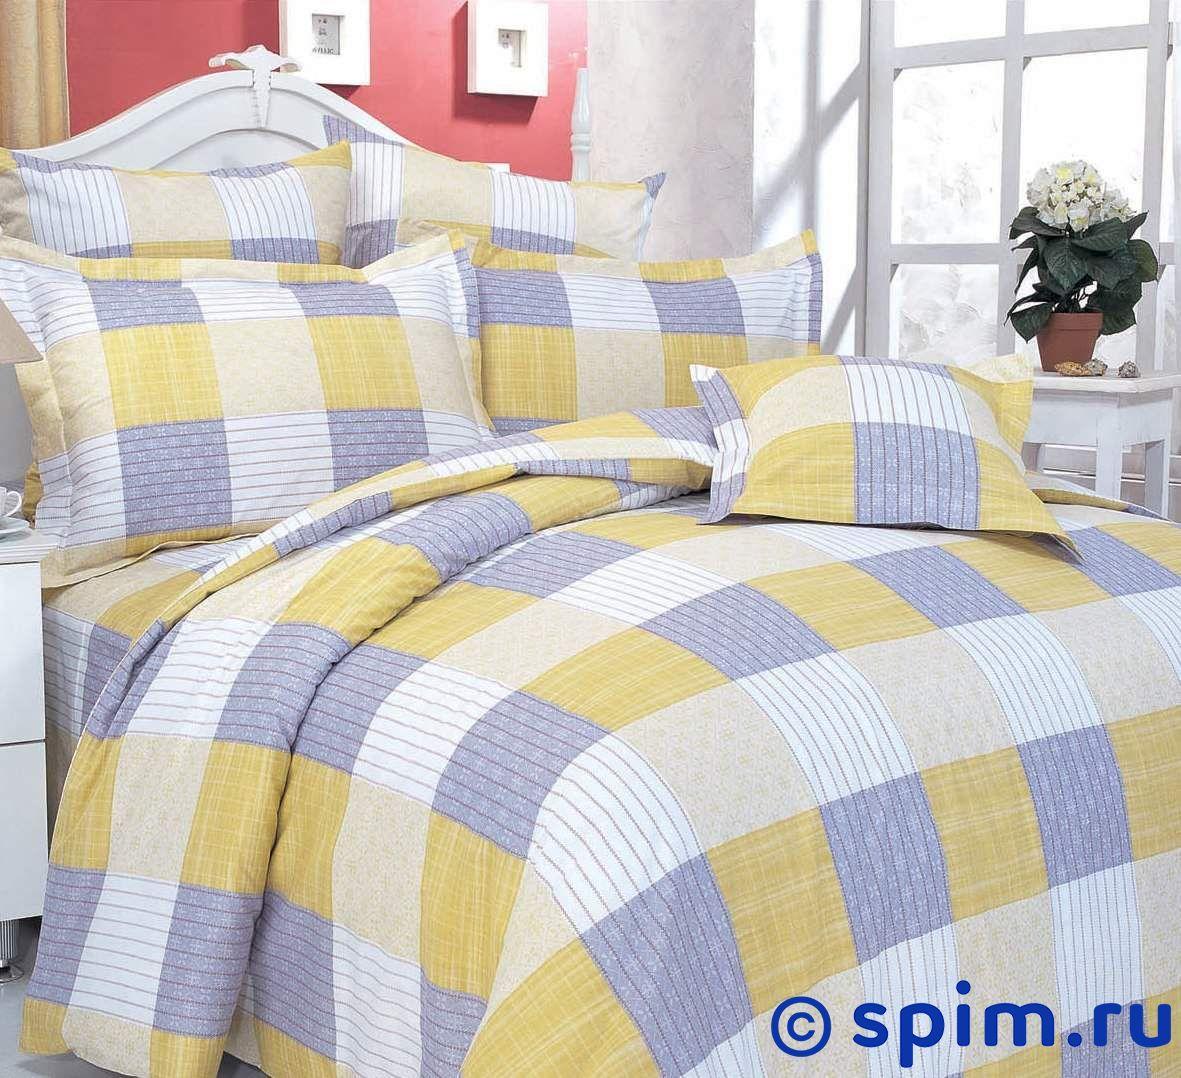 Комплект СайлиД А25 1.5 спальное